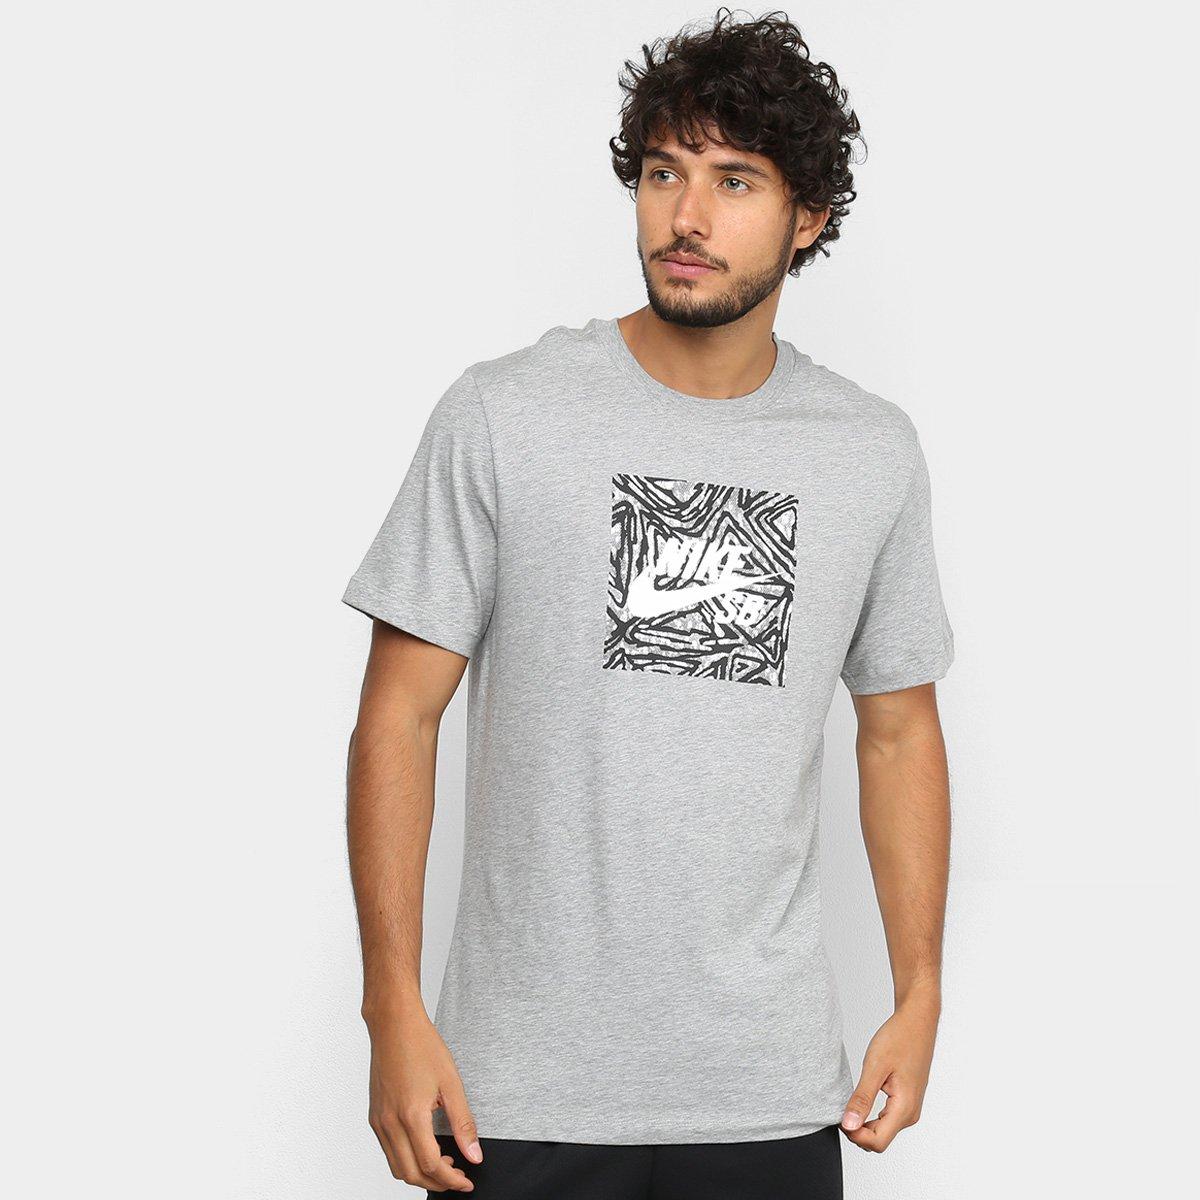 completo en especificaciones última selección sitio web para descuento Camiseta Nike Sb Triangl Masculina - Cinza | Shop Timão